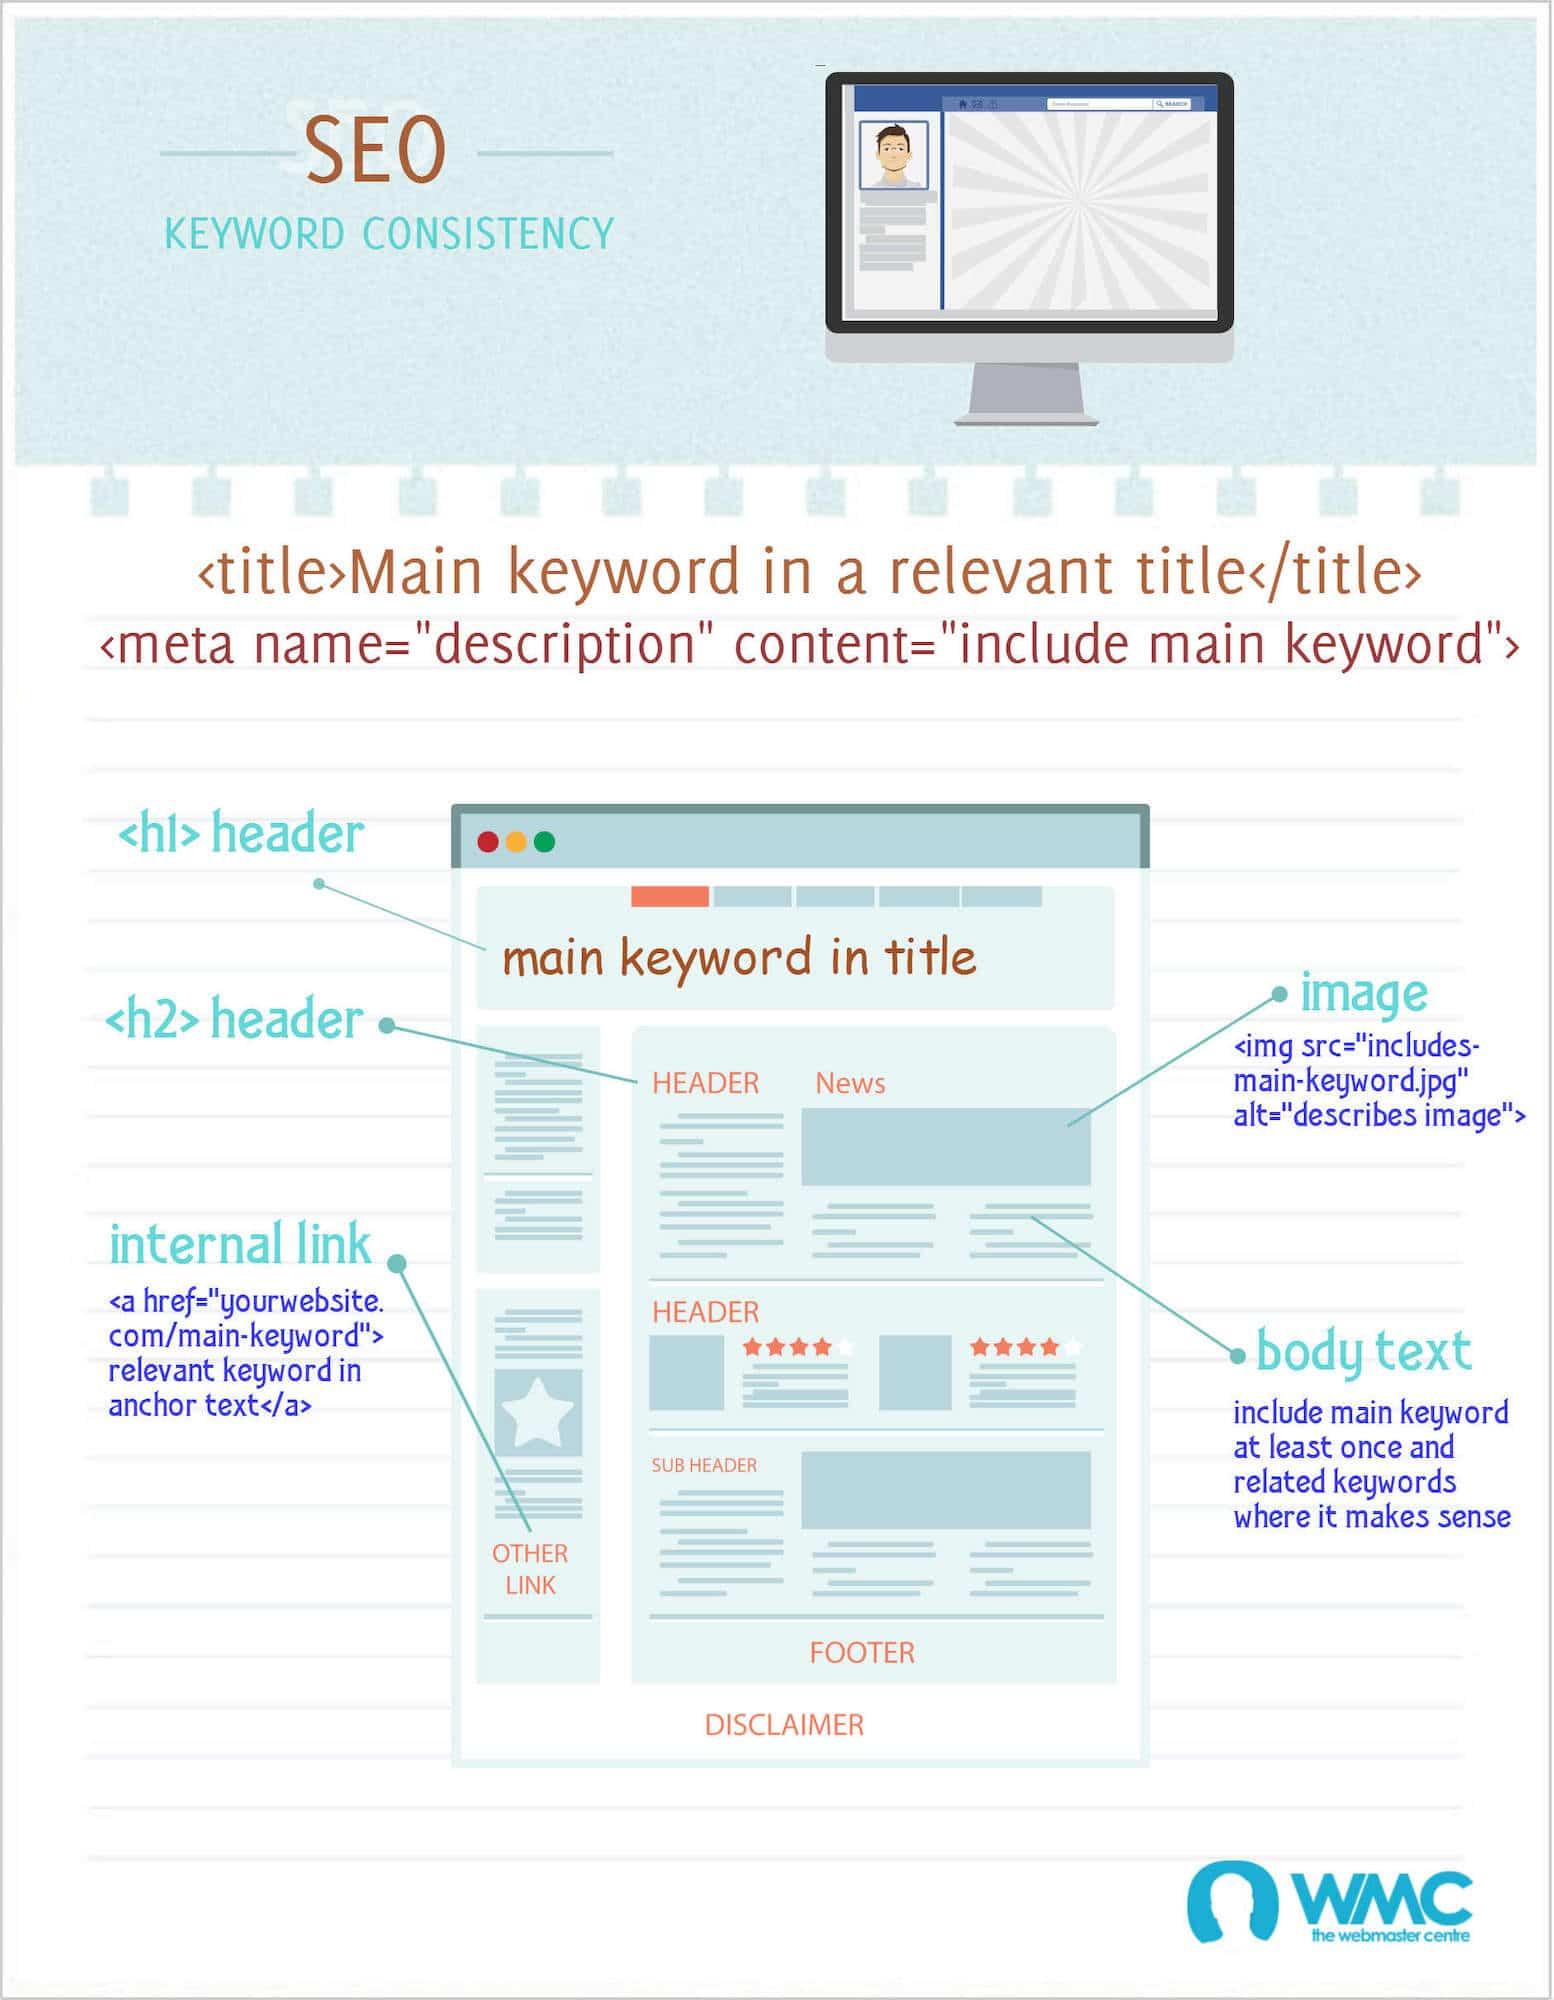 seo consistencia keyword